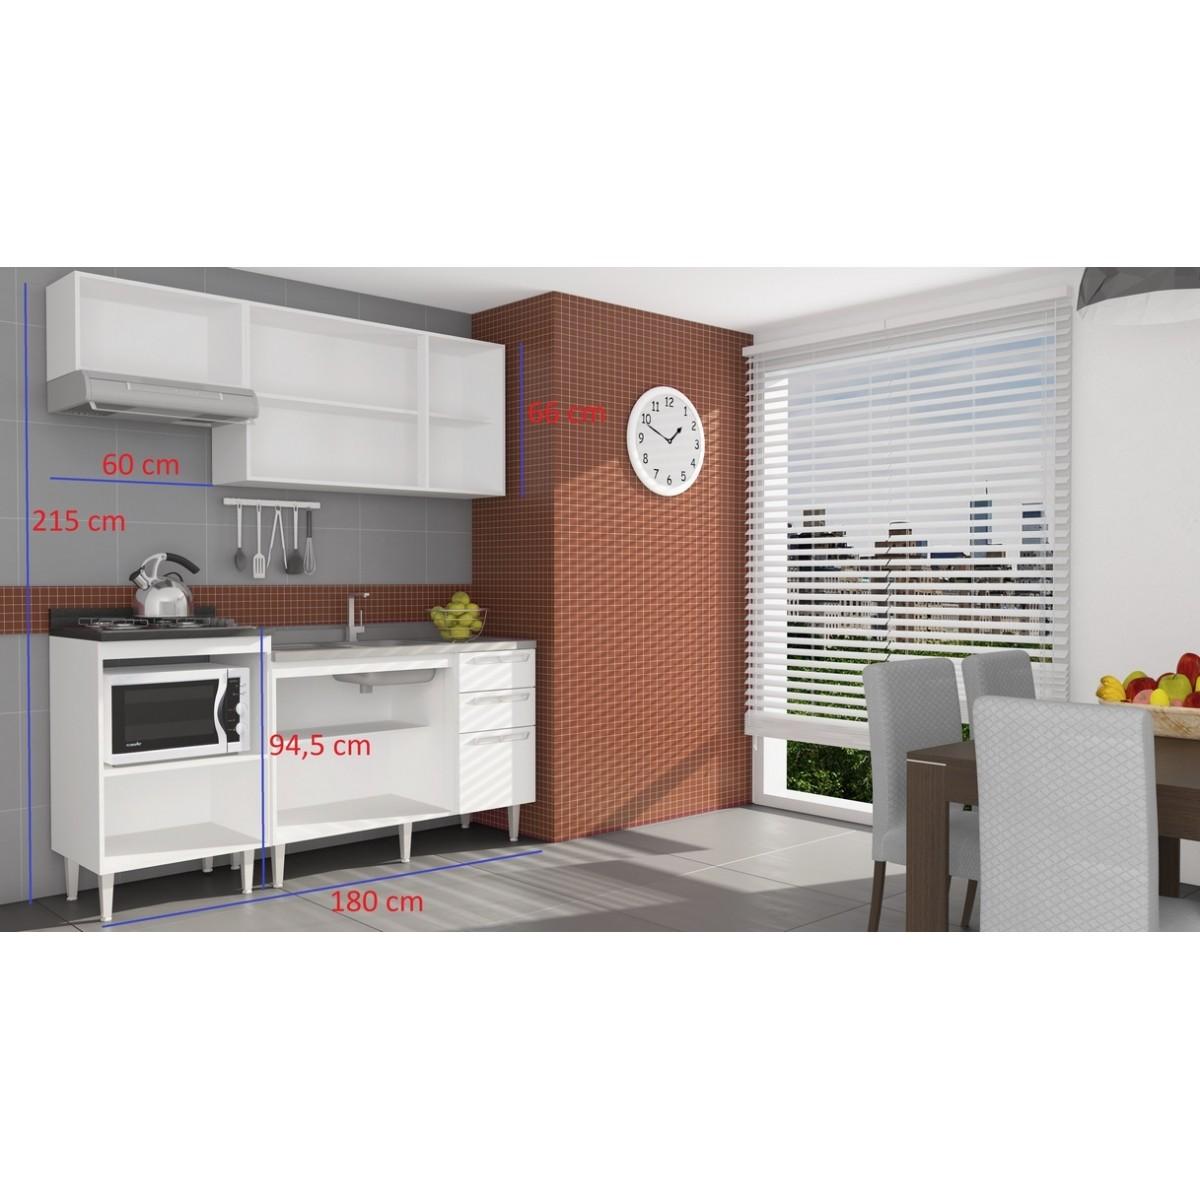 Cozinha Modulada Completa 5 Peças Modelo 10 Várias Cores Mia Coccina